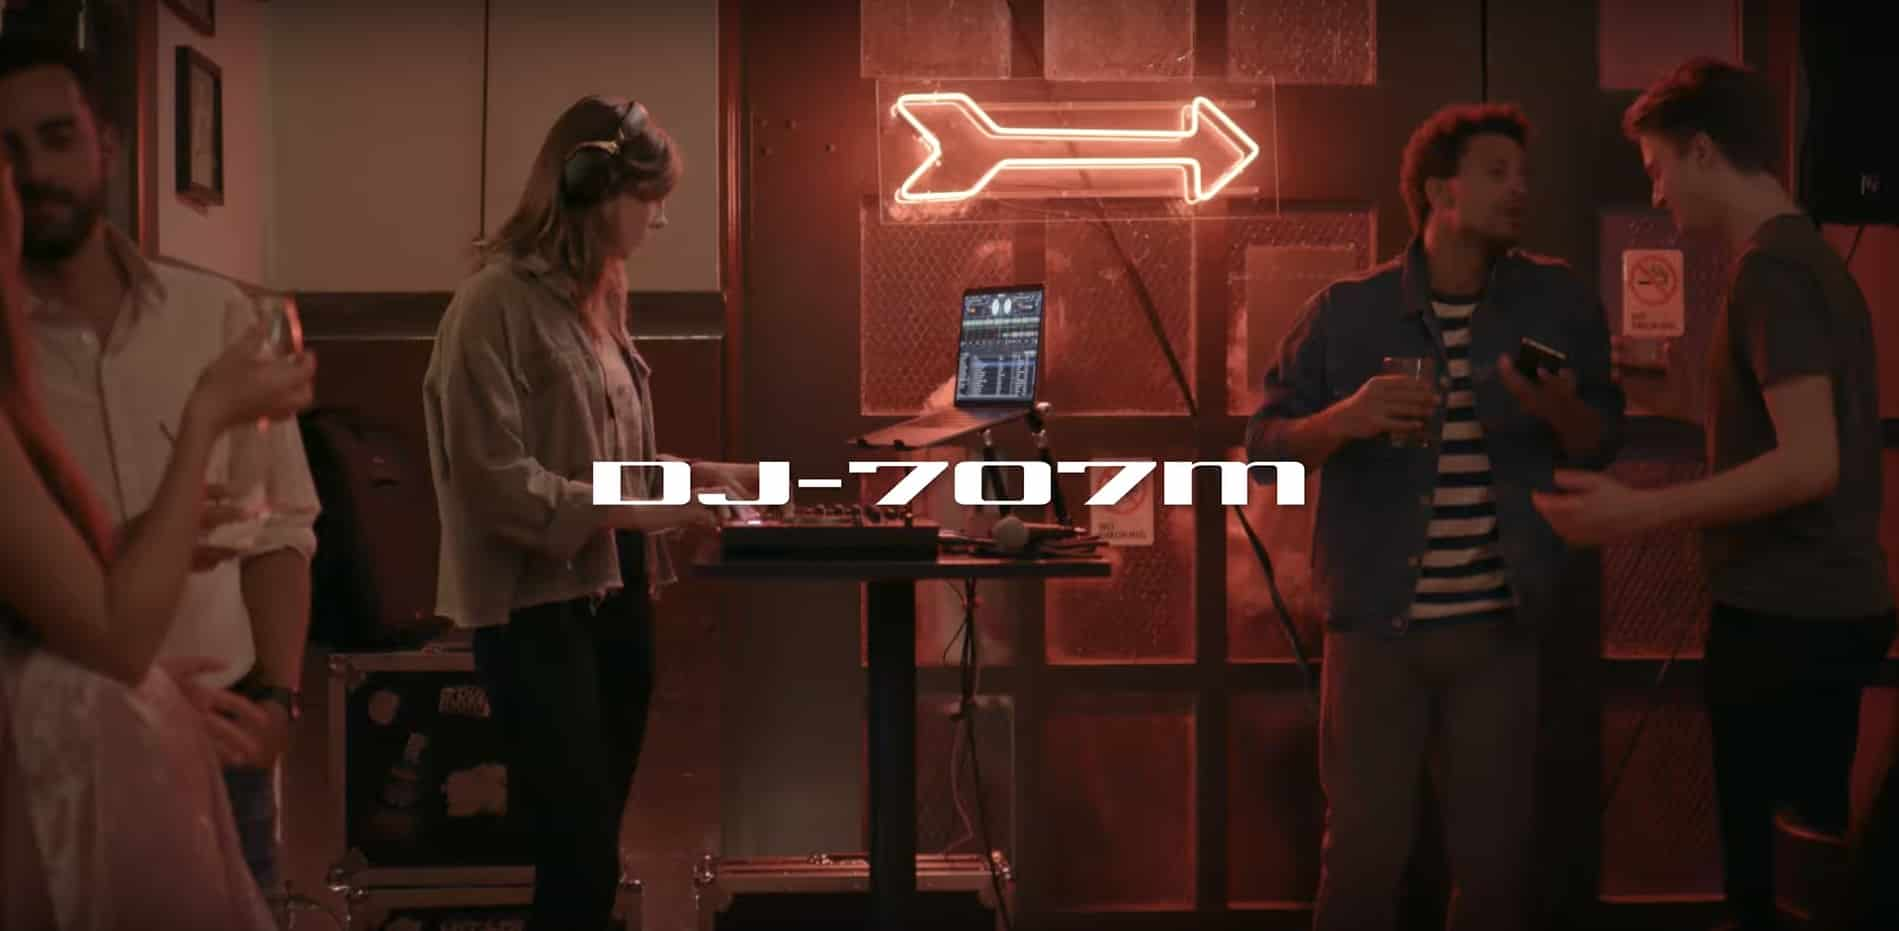 دی جی کنترلر رولند DJ-707M ؛ کنترلری حرفه ای برای موبایل دی جی ها !